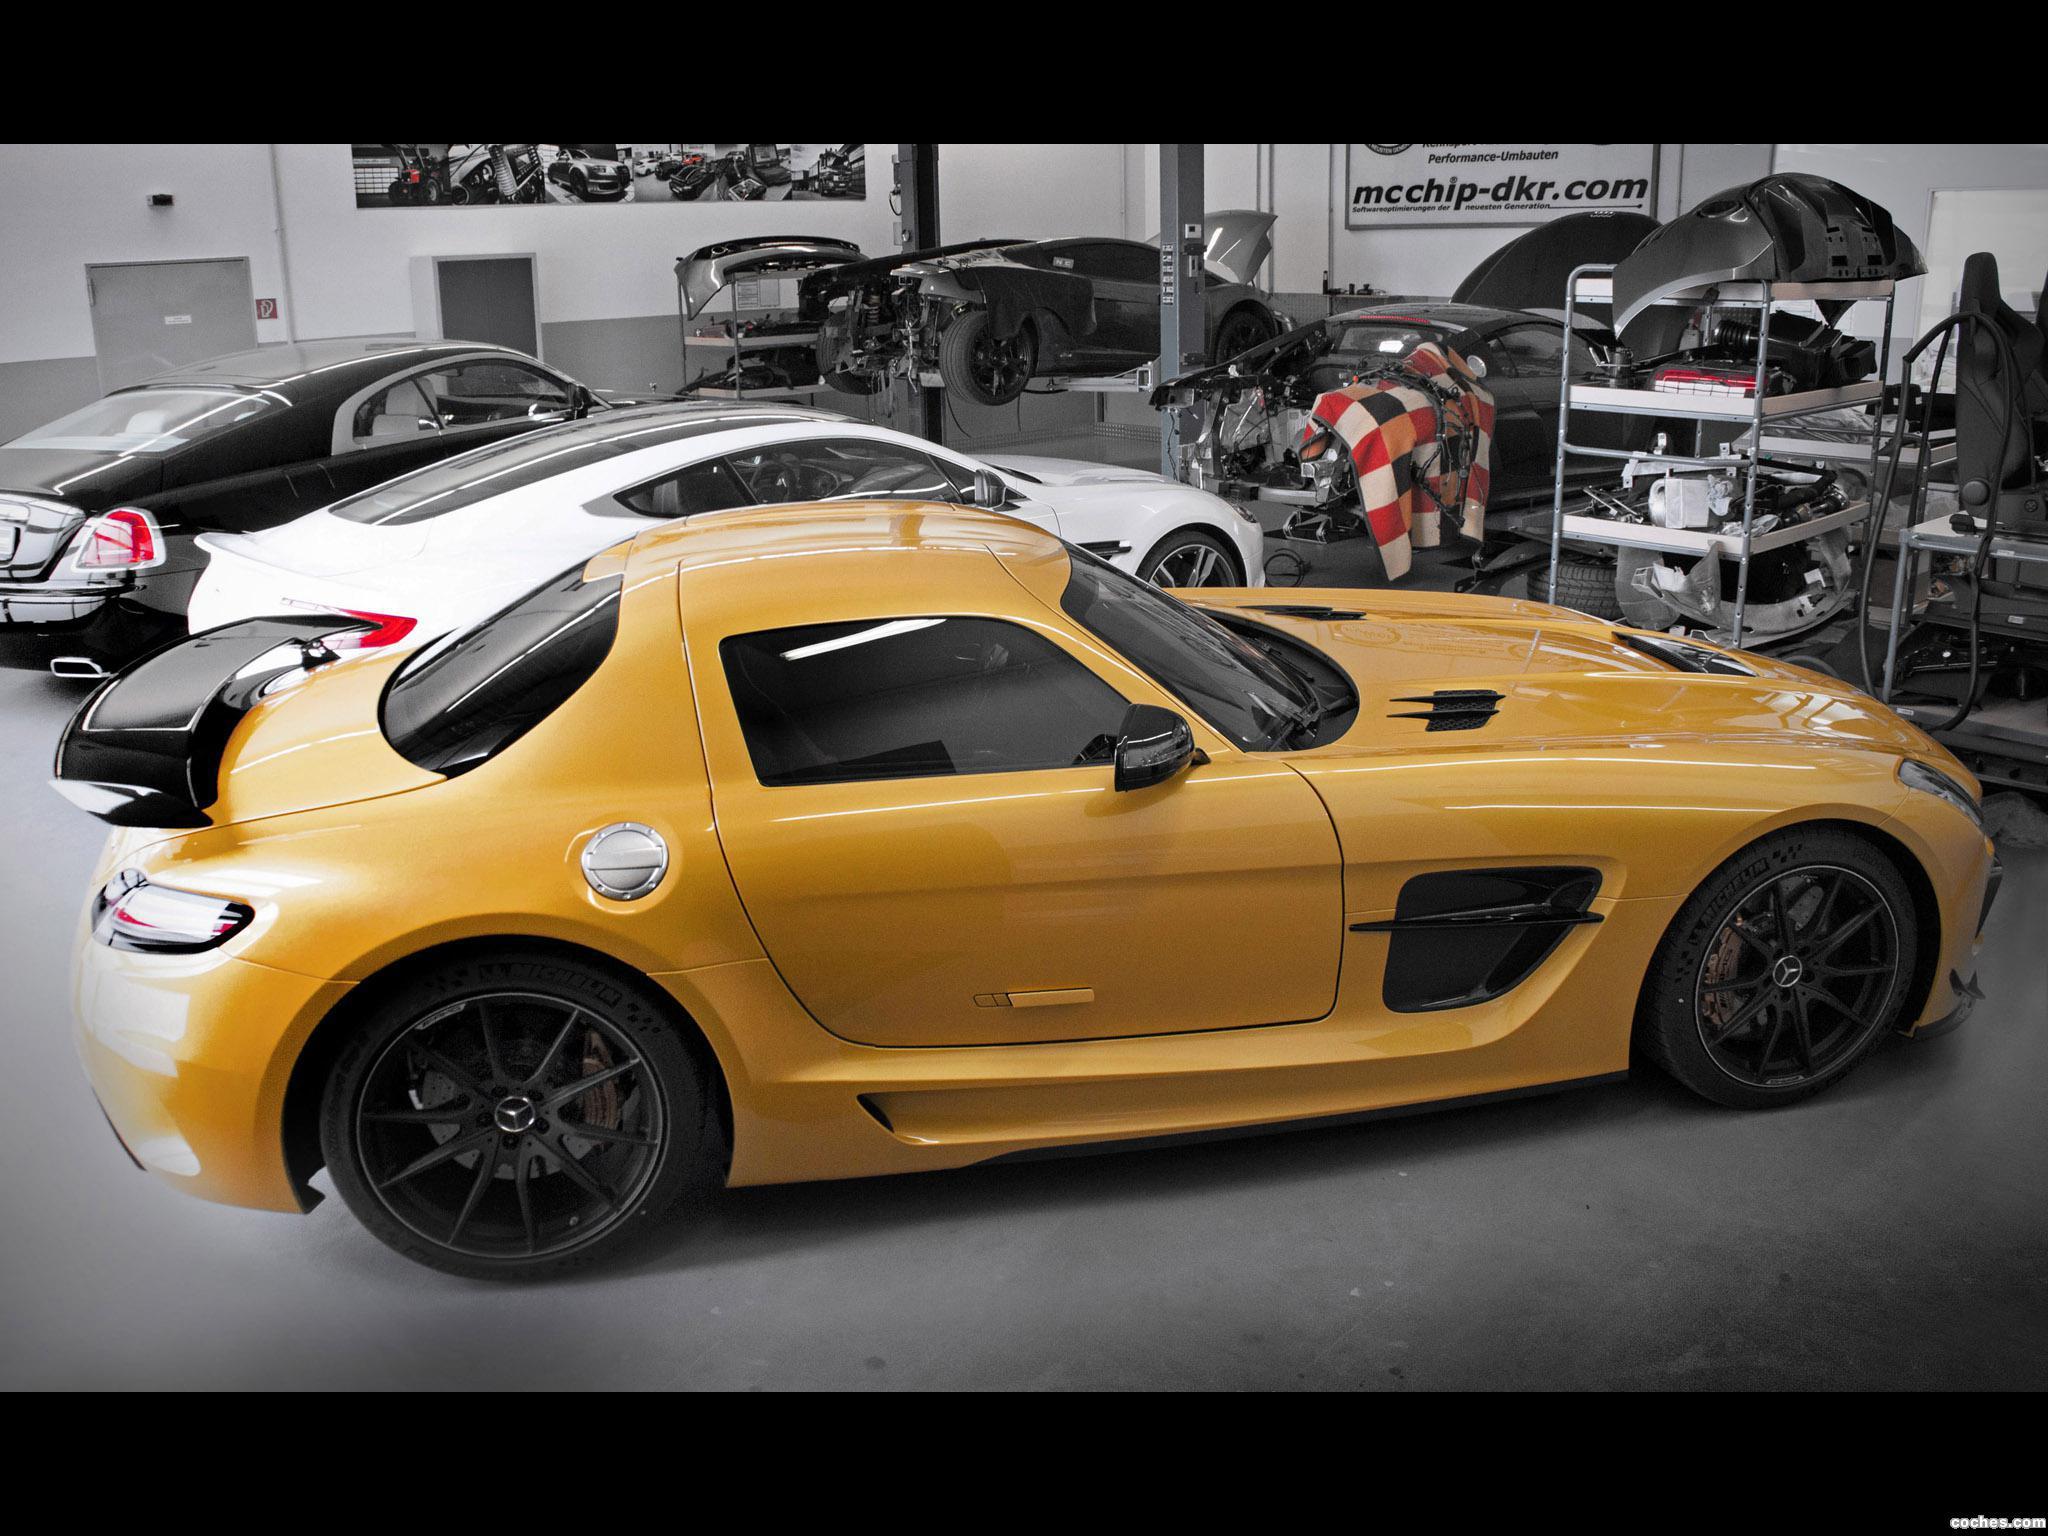 Foto 3 de MC Chip Dkr Mercedes AMG Clase SLS 2014